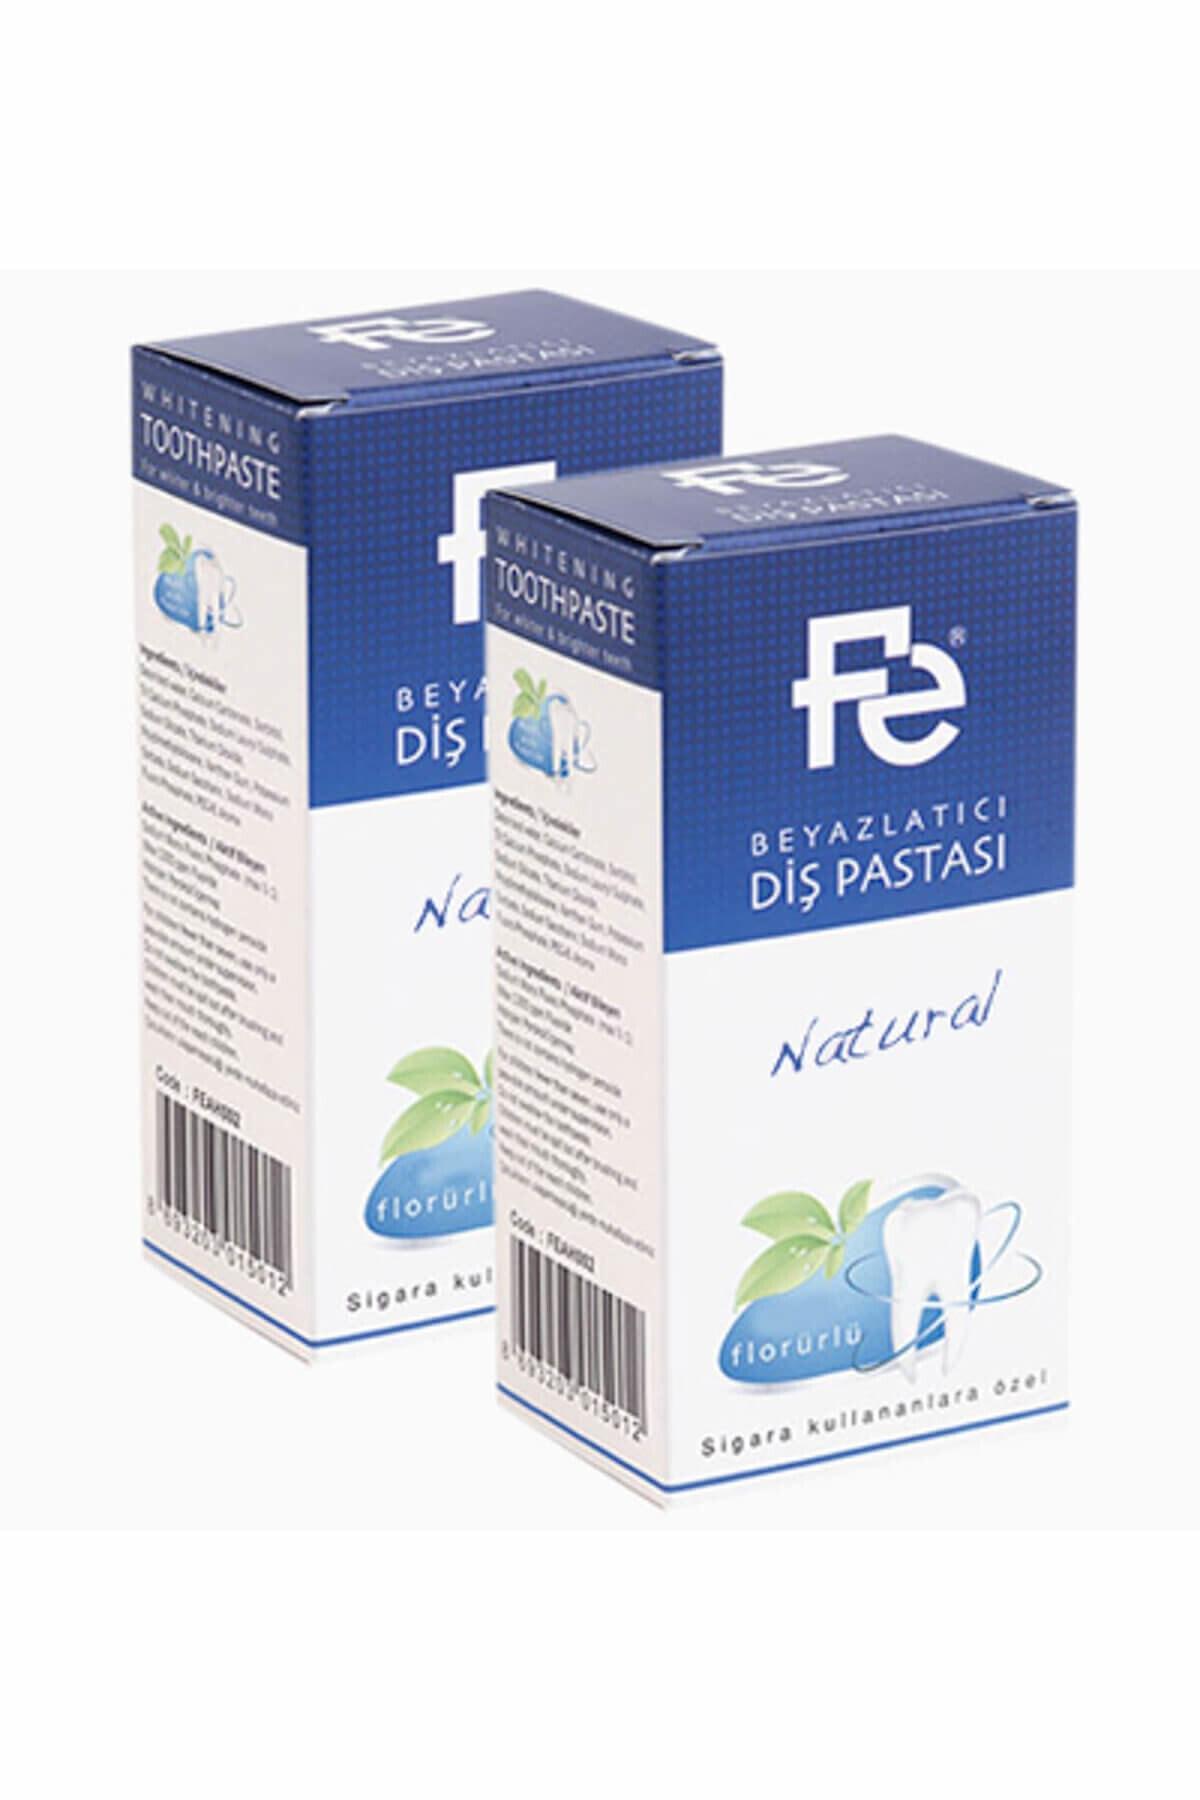 Fe Beyazlatıcı Diş Pastası Natural / Herbal X 2 Adet 1